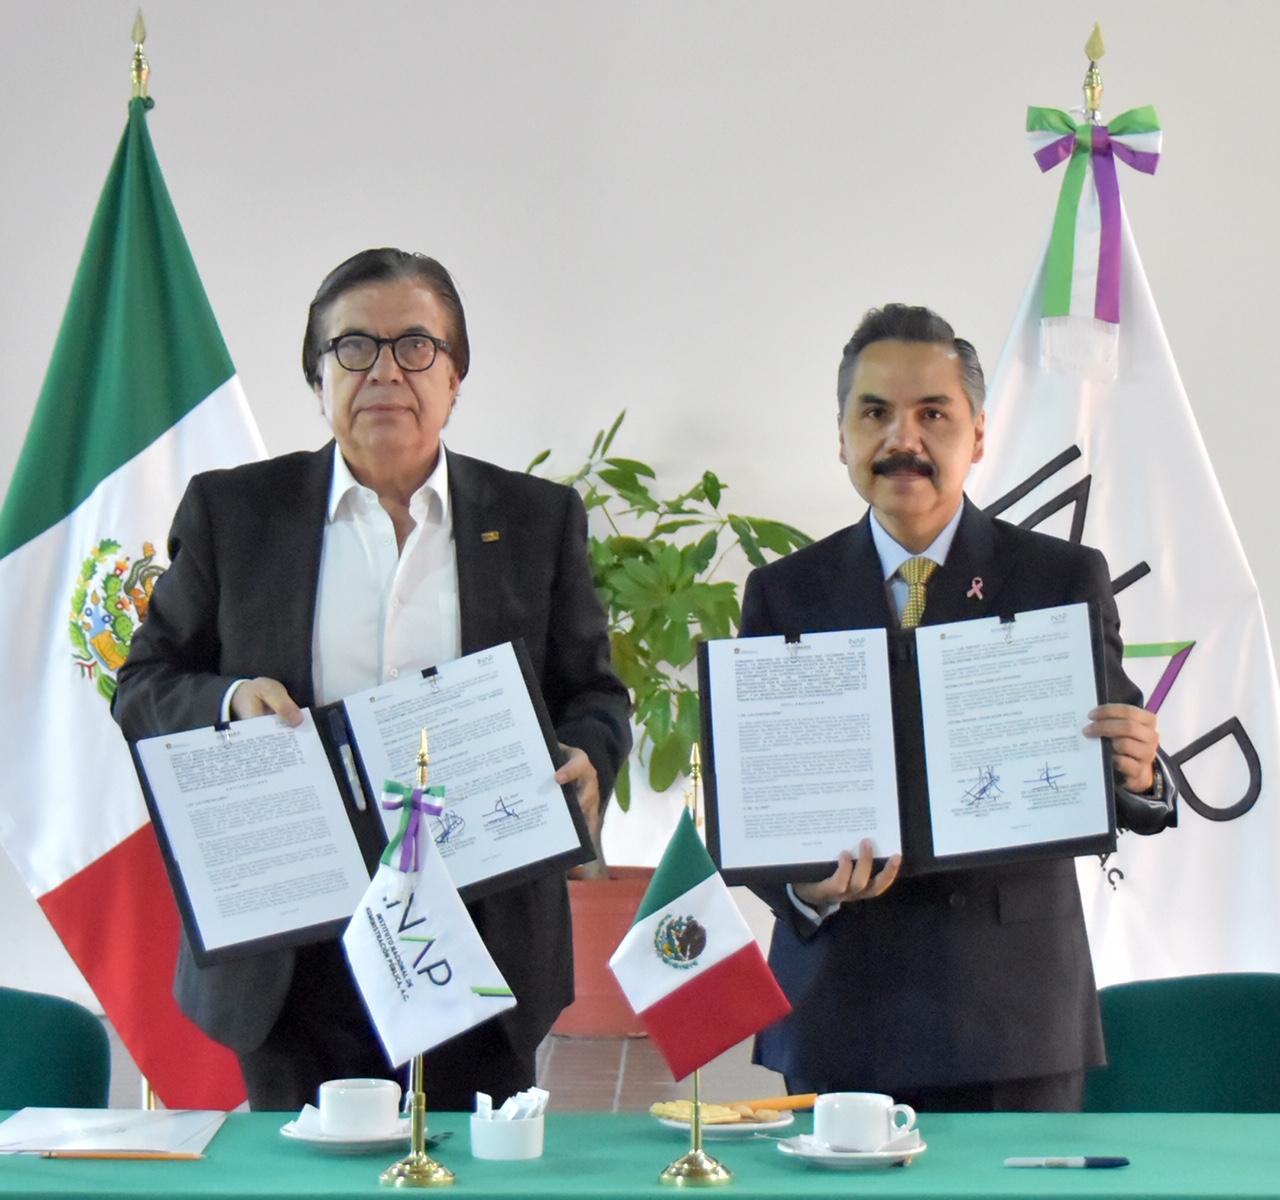 FIRMAN CONVENIO SECOGEM E INAP EN BENEFICIO DE LOS SERVIDORES PÚBLICOS